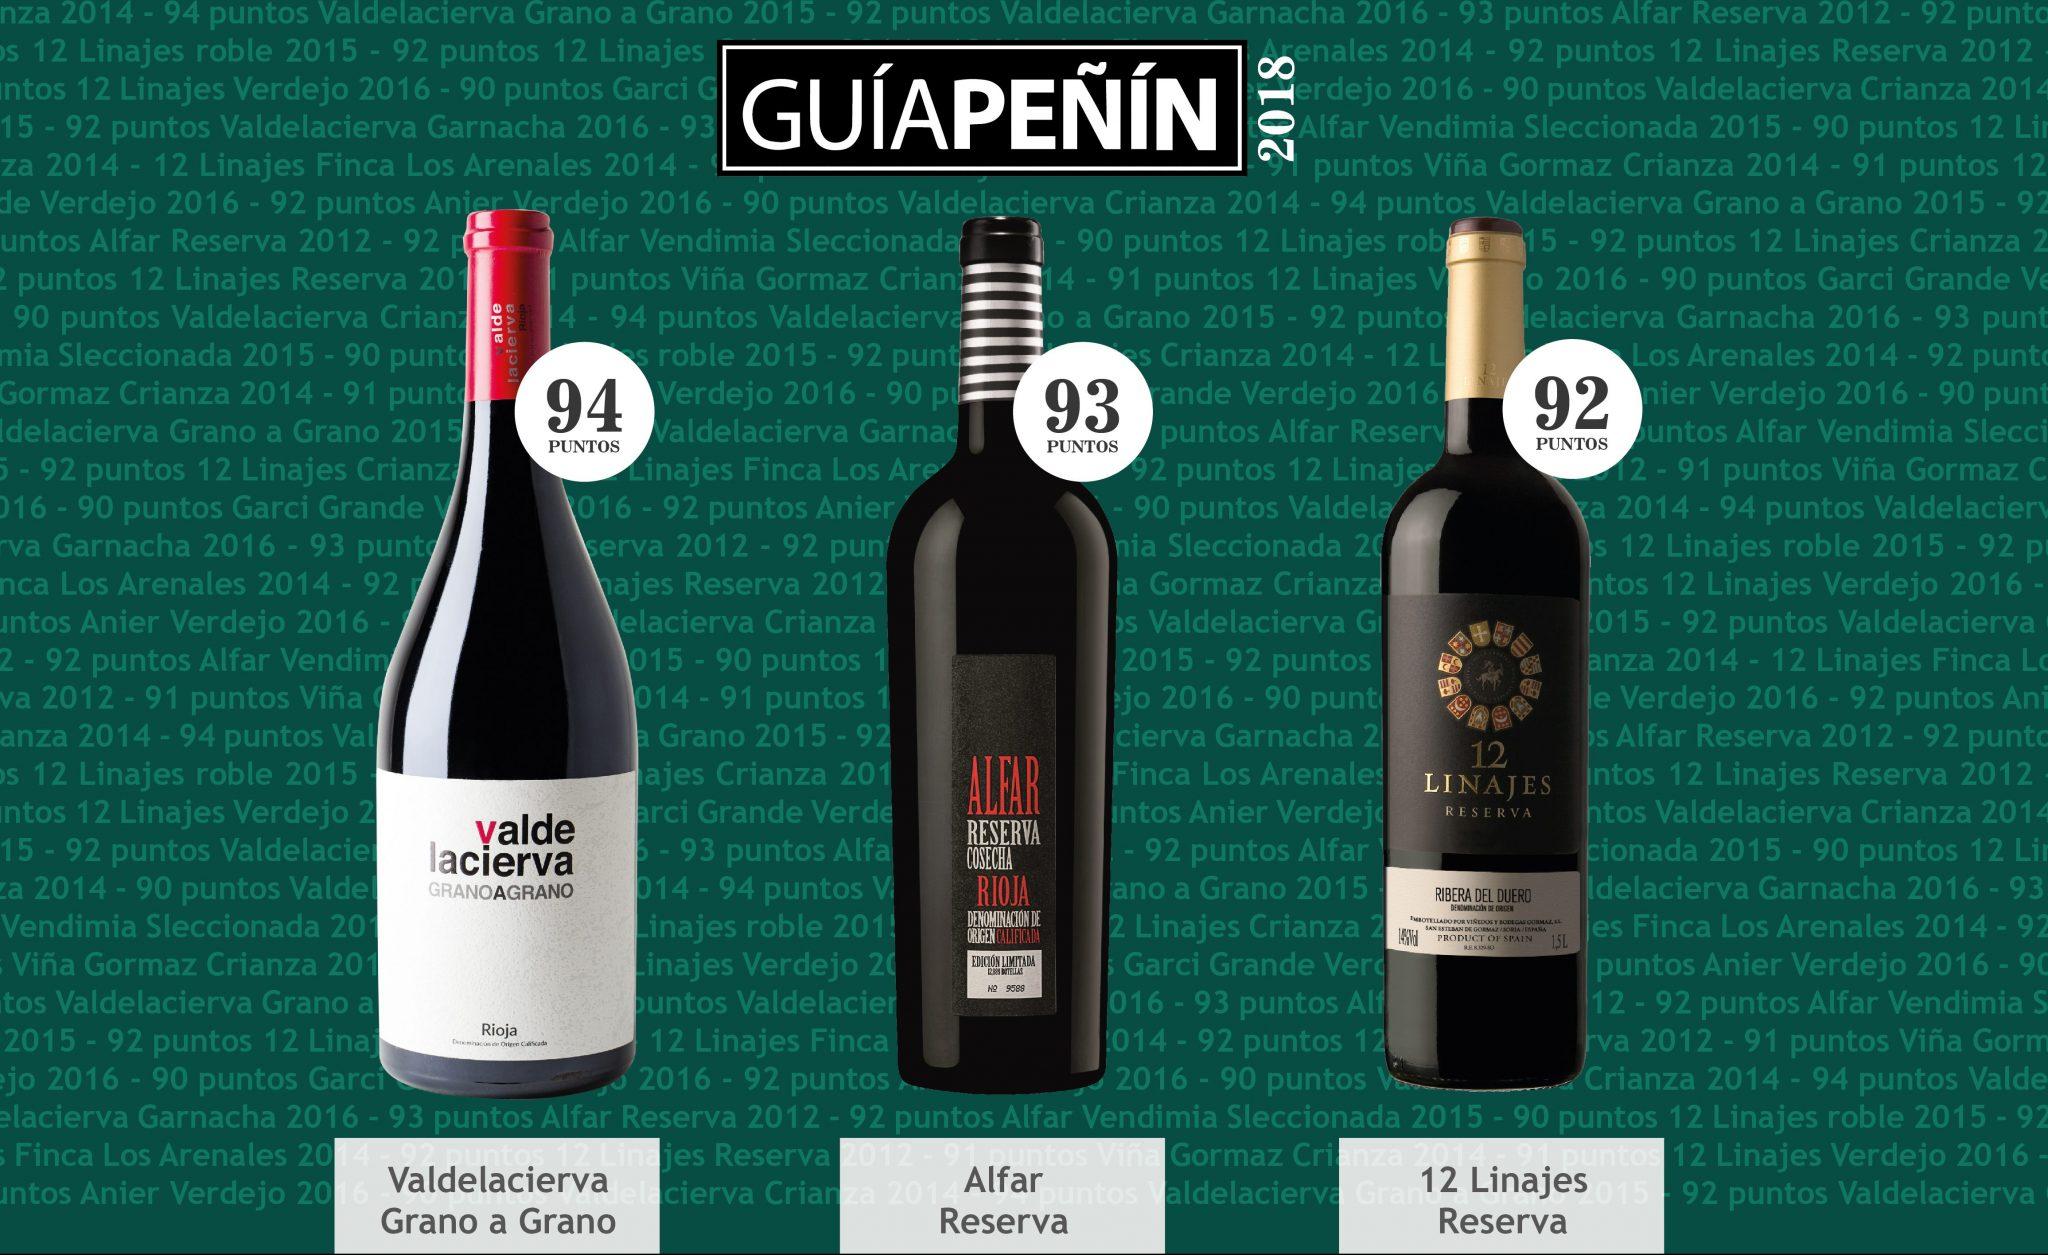 Peñín Guía Vinos – Top vinos